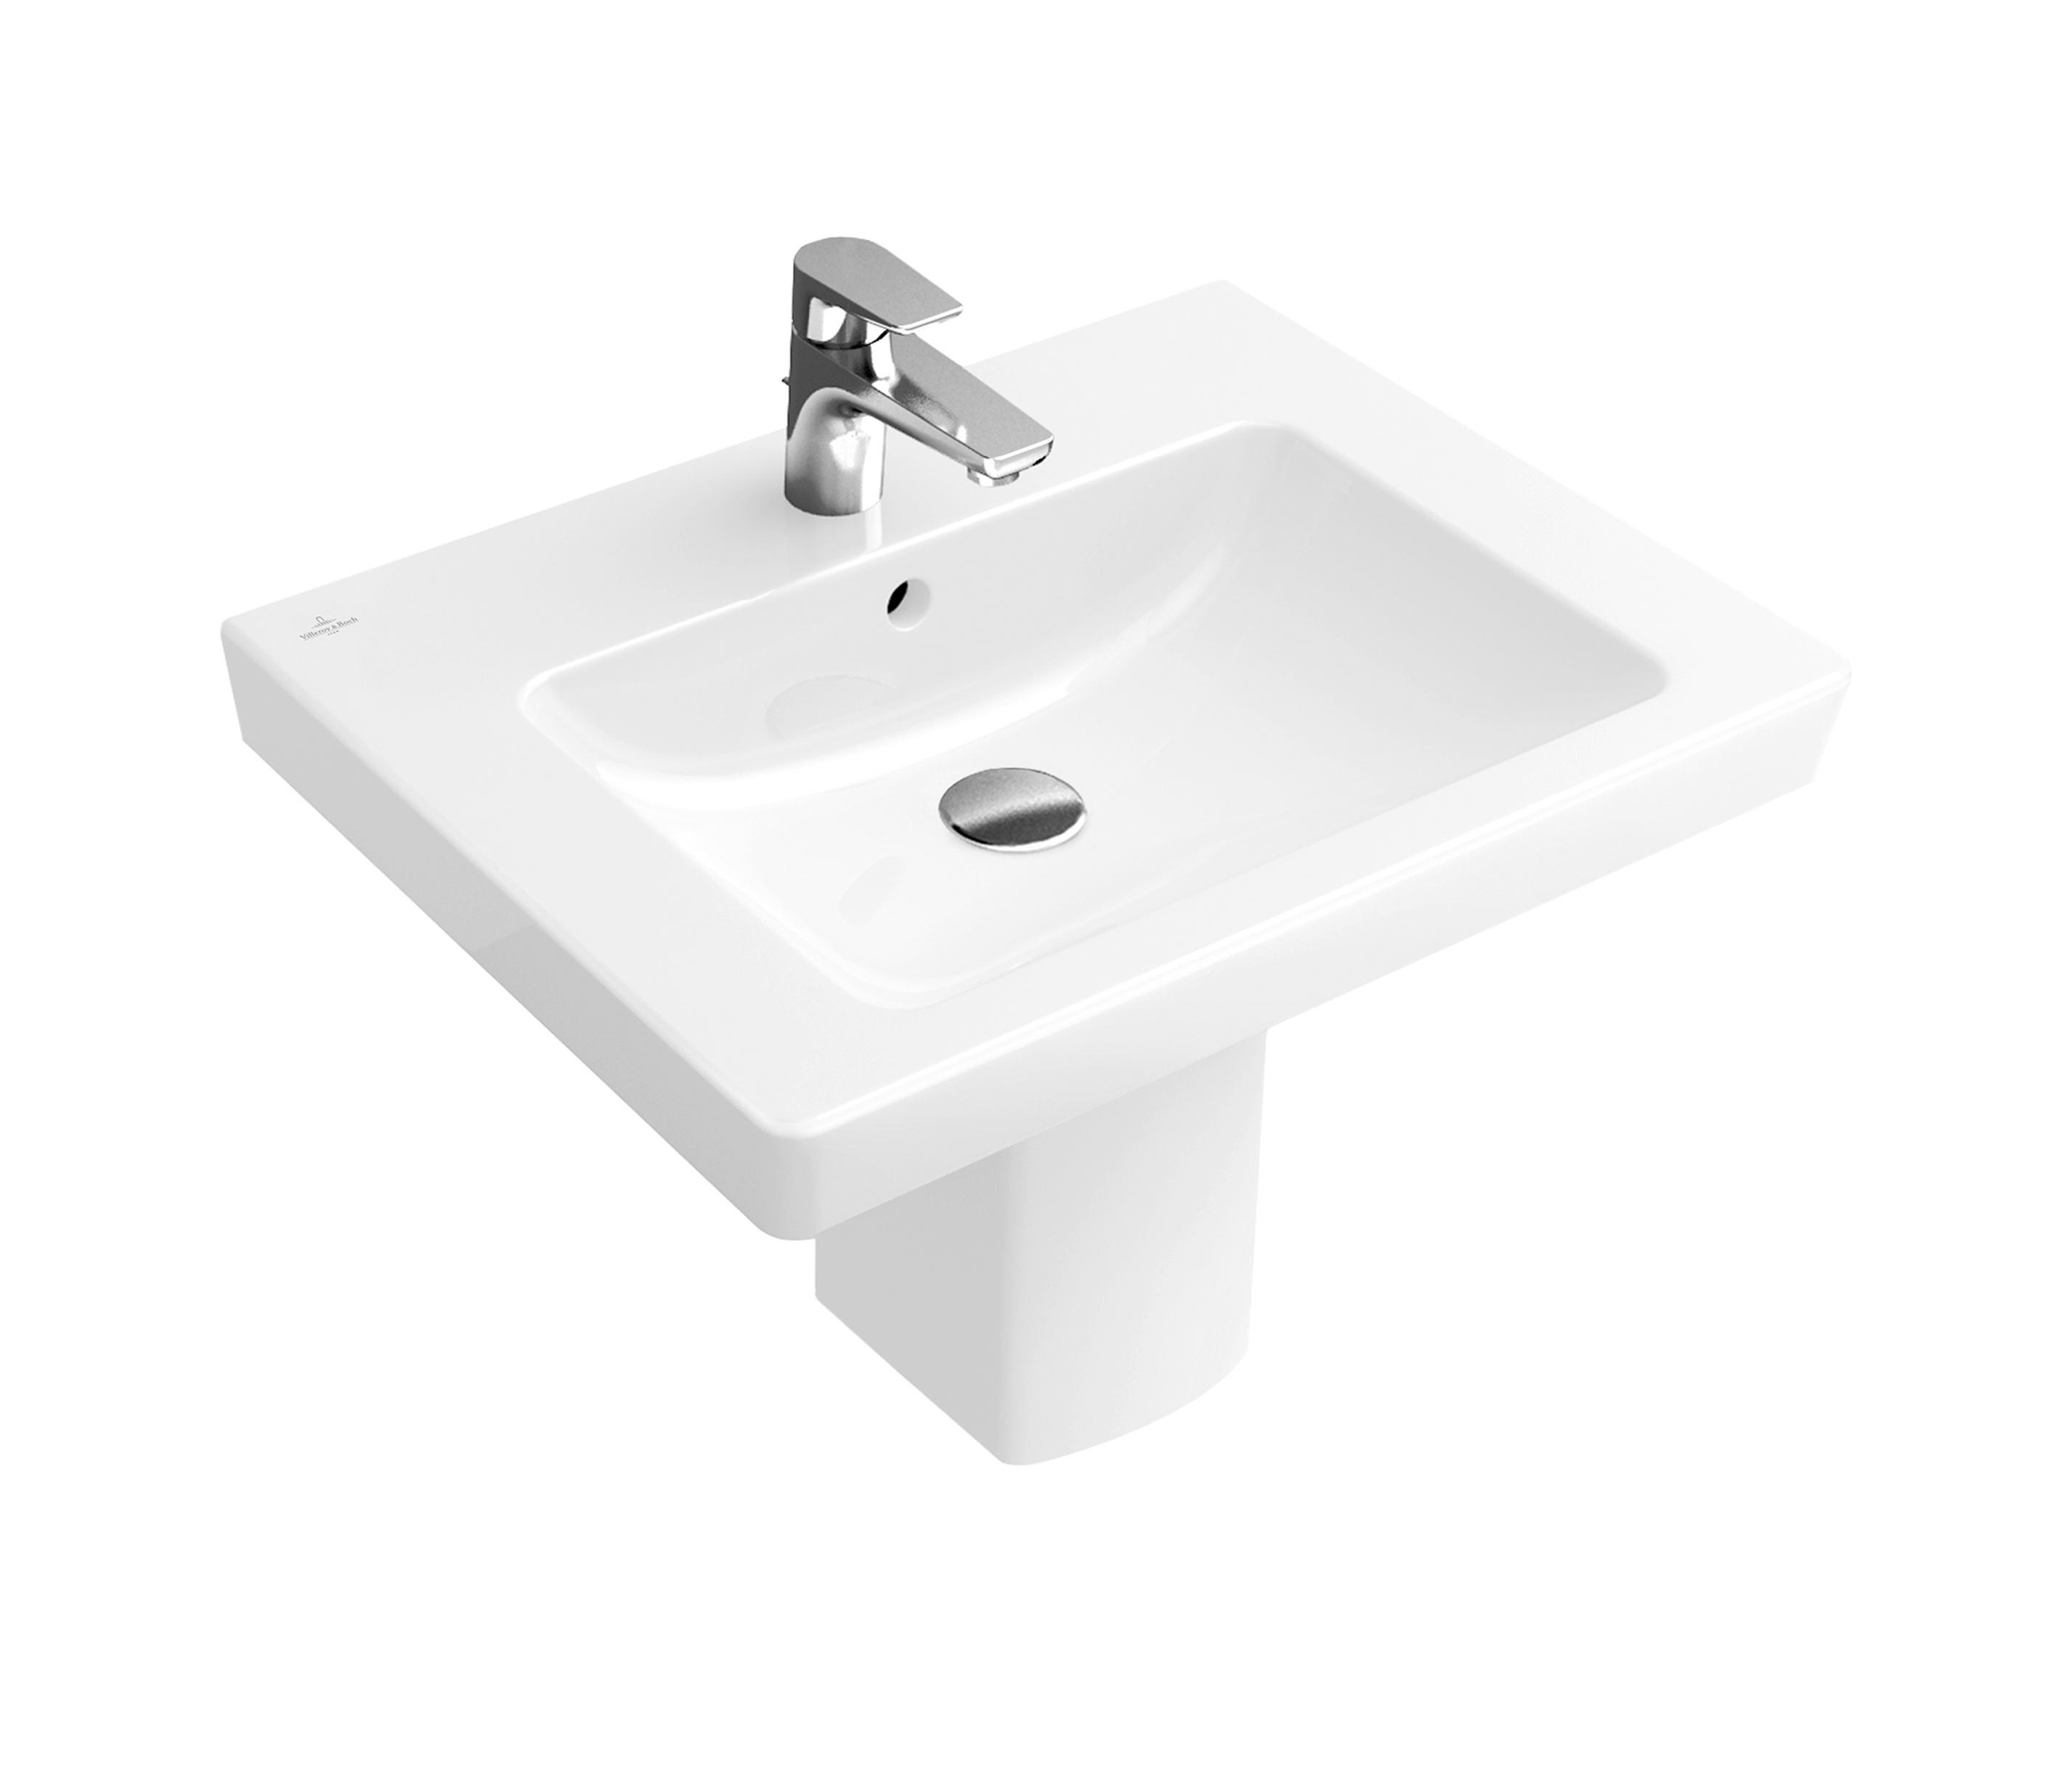 subway 2 0 washbasin wash basins from villeroy boch. Black Bedroom Furniture Sets. Home Design Ideas